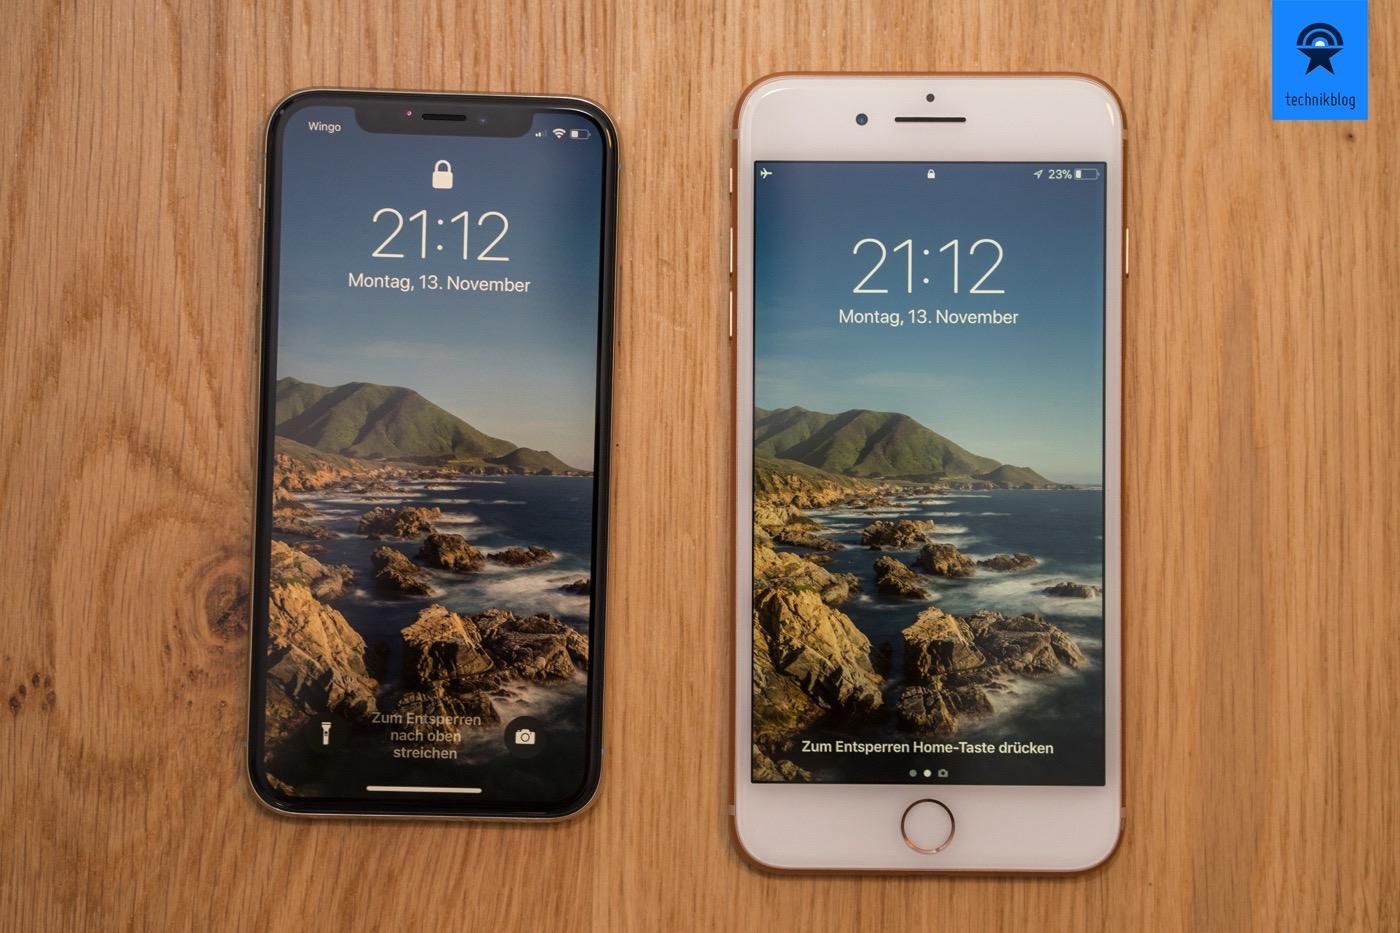 Das iPhone X ist kleines als das iPhone 8 Plus, hat aber den grösseren Bildschirm